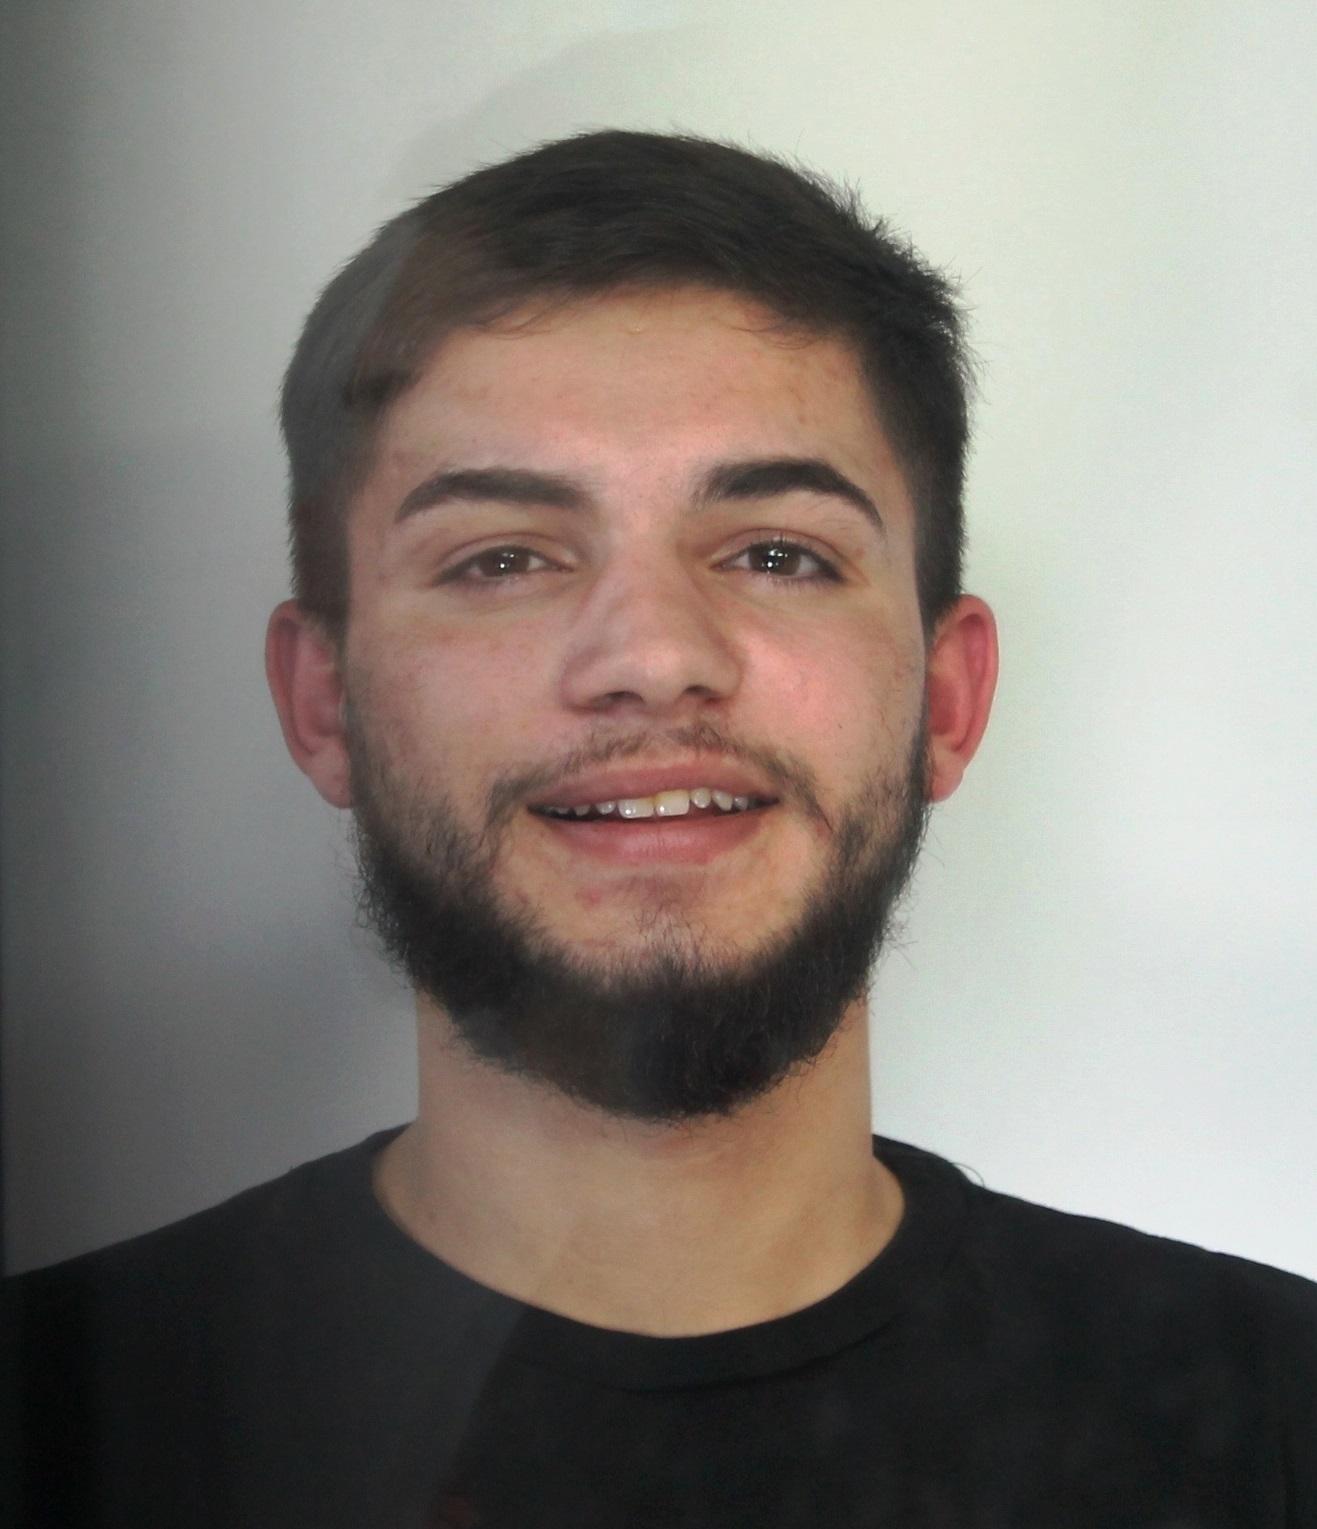 Catania, lo portano in carcere per fatti legati alla droga